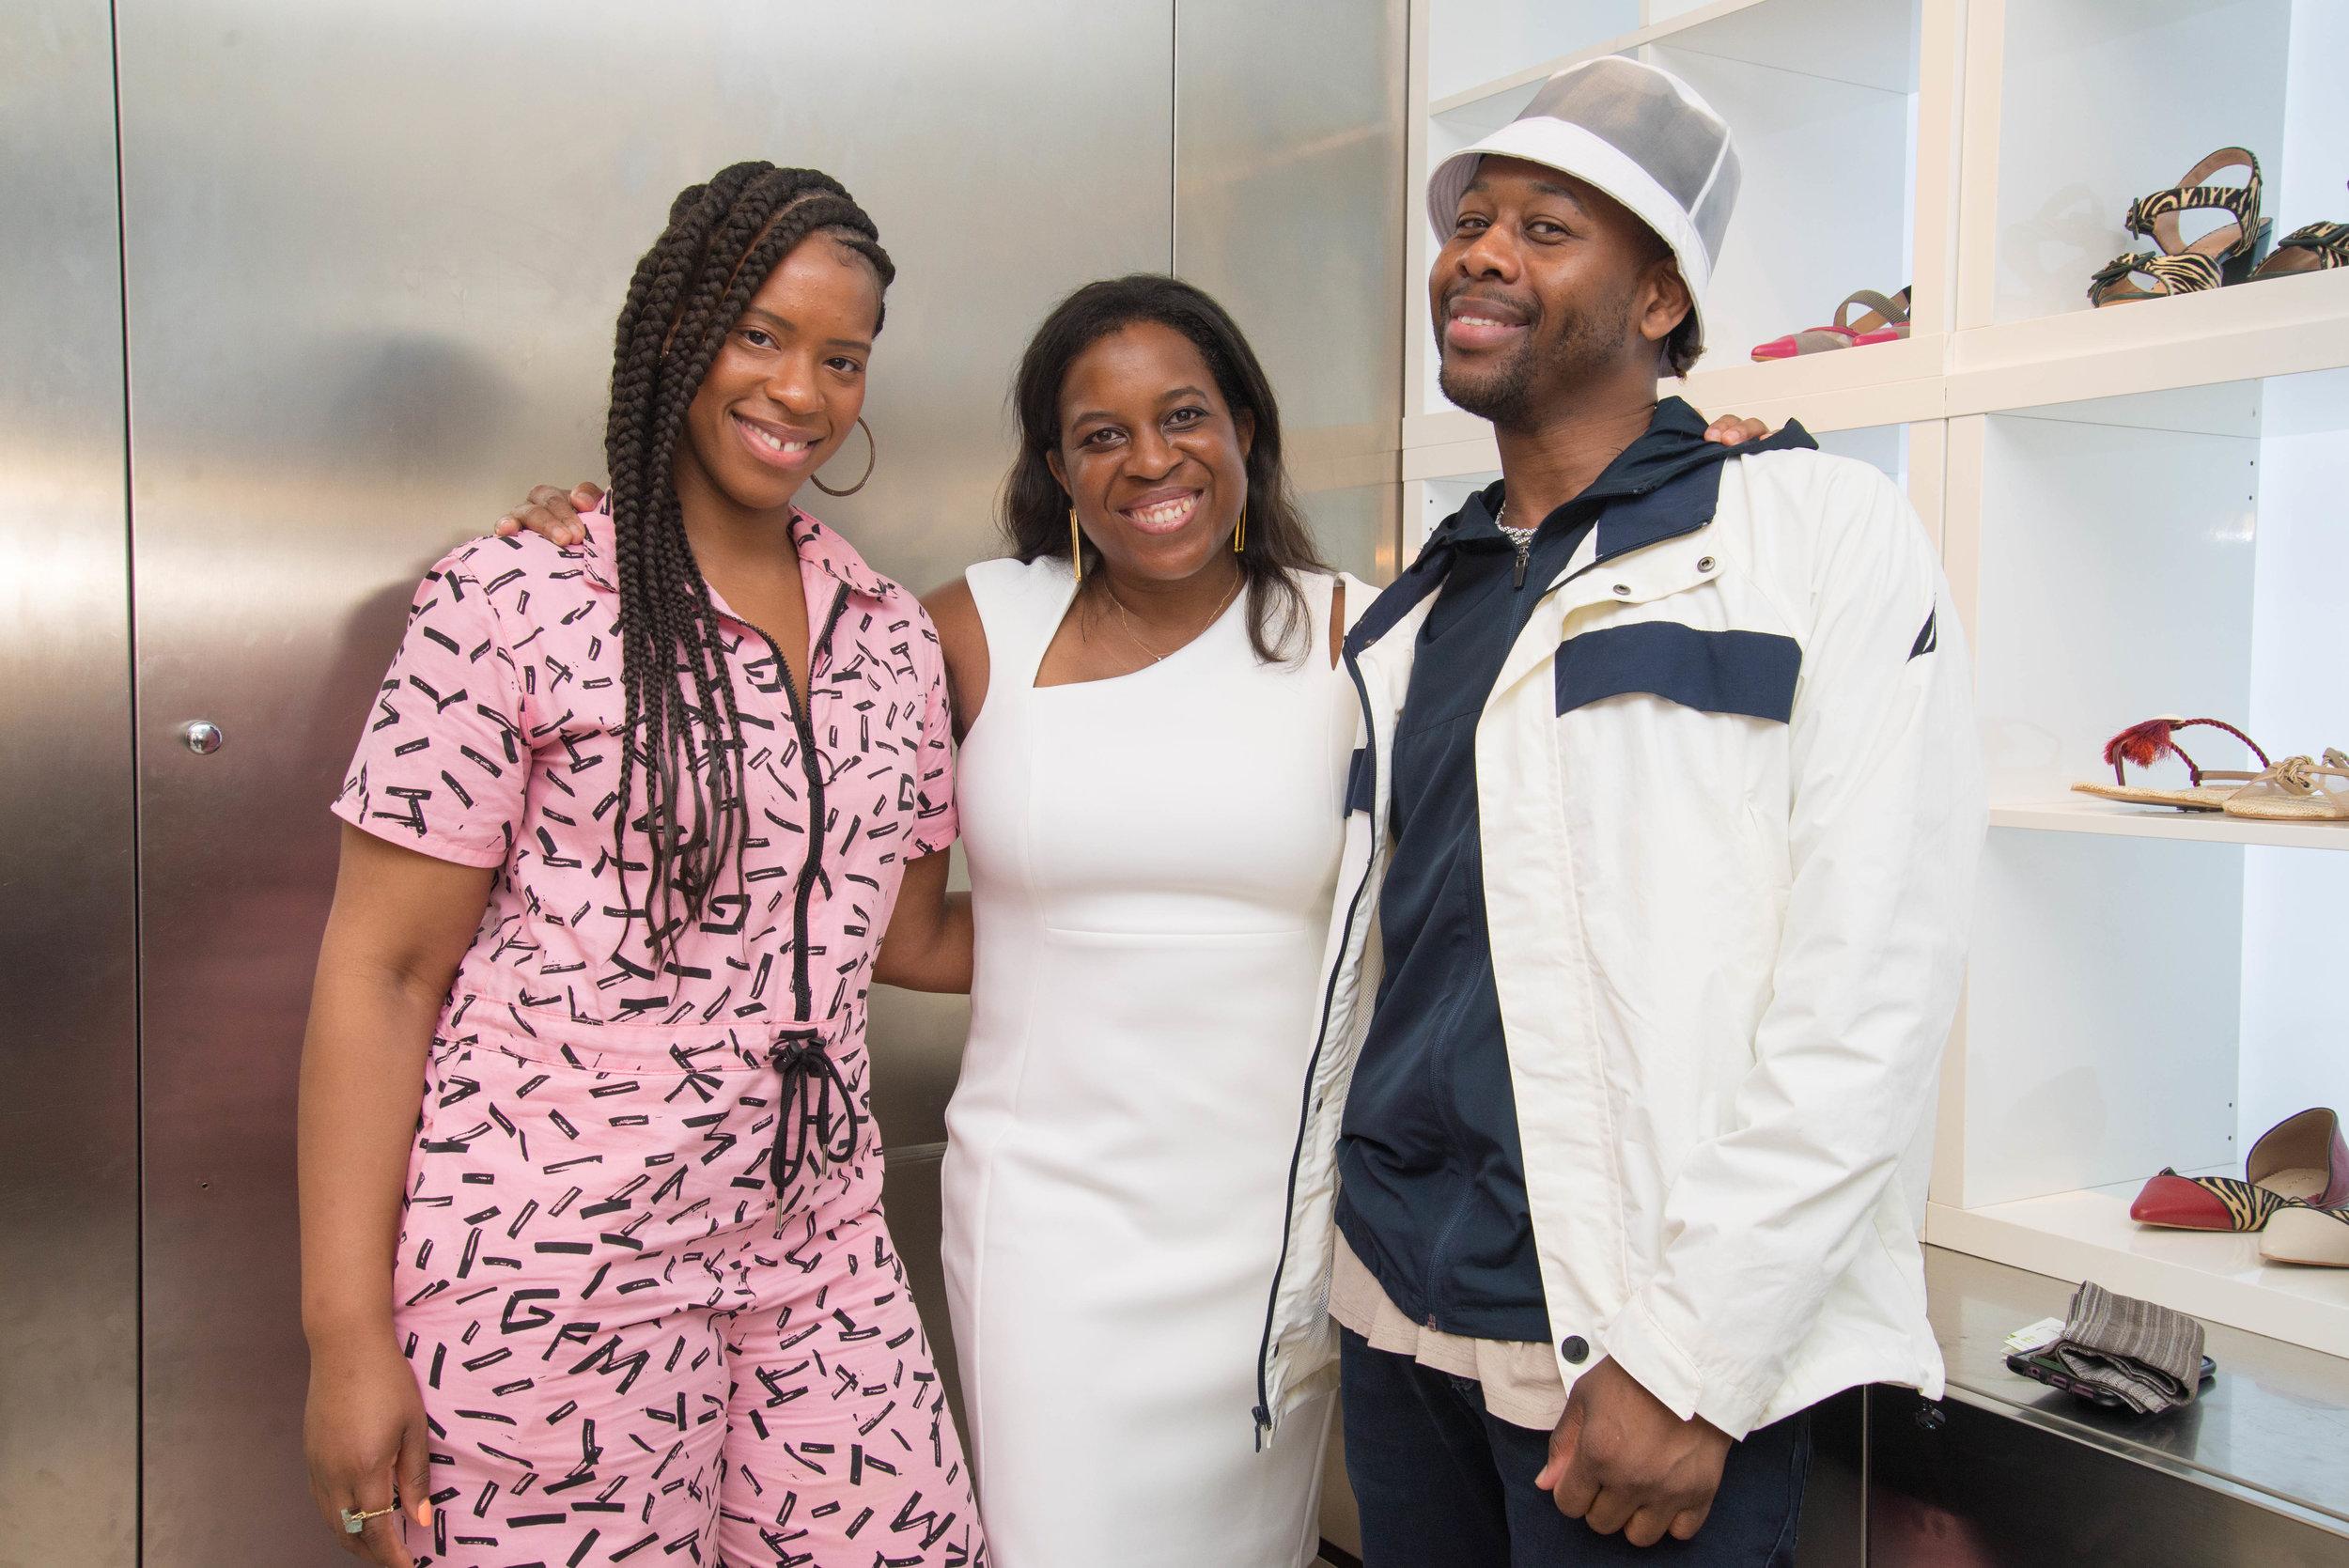 (L-R) Ola producer/stylist, Designer of Emme Cadeau, Avon Dorsey editor